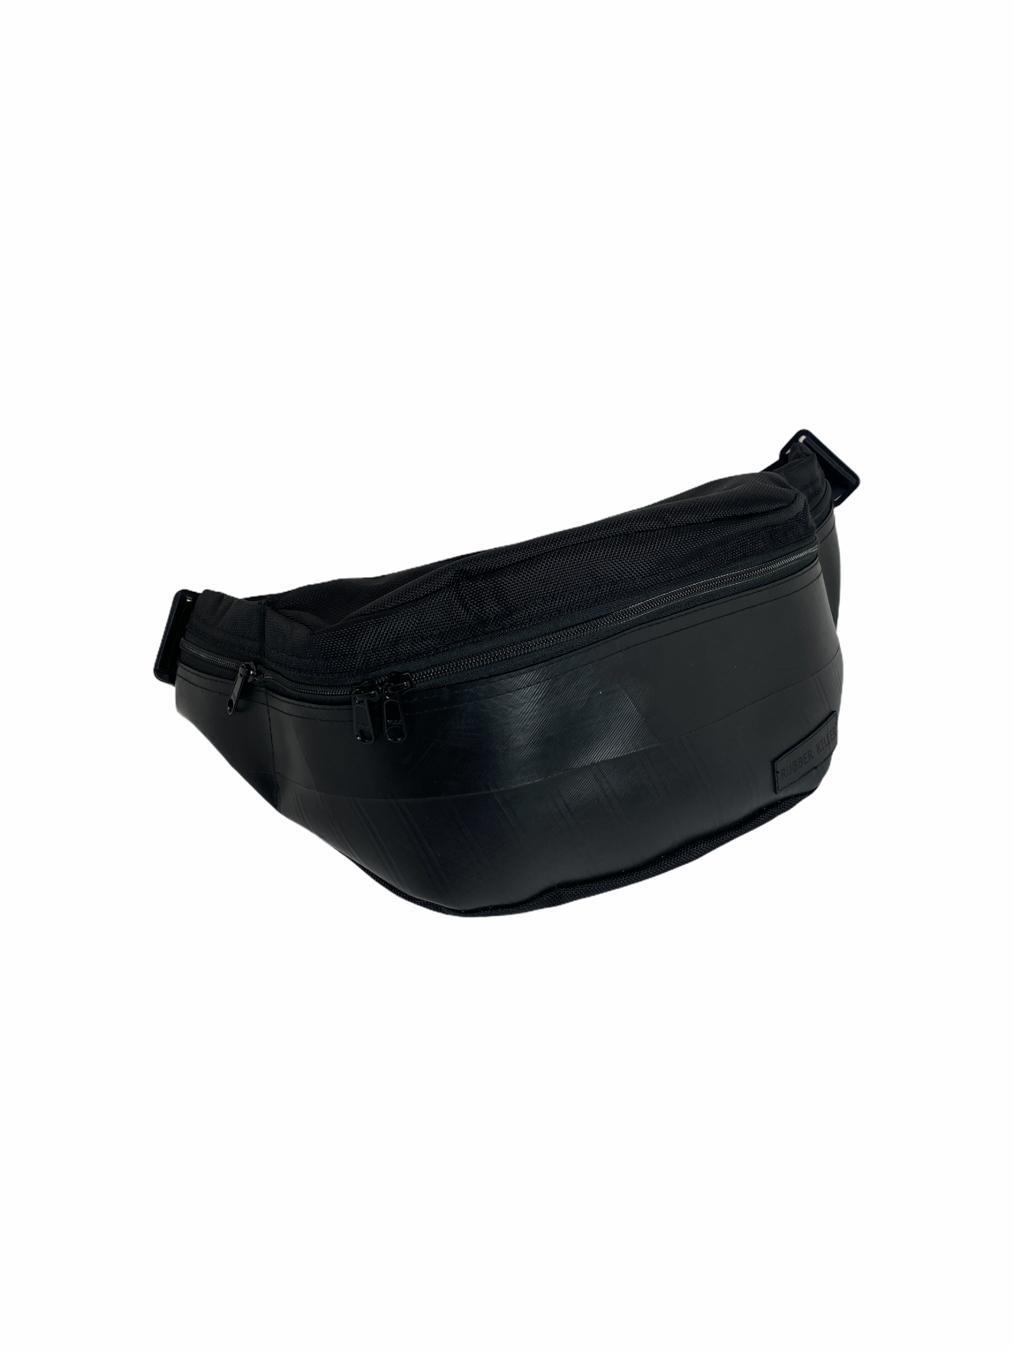 Duzz Crossbody Bag